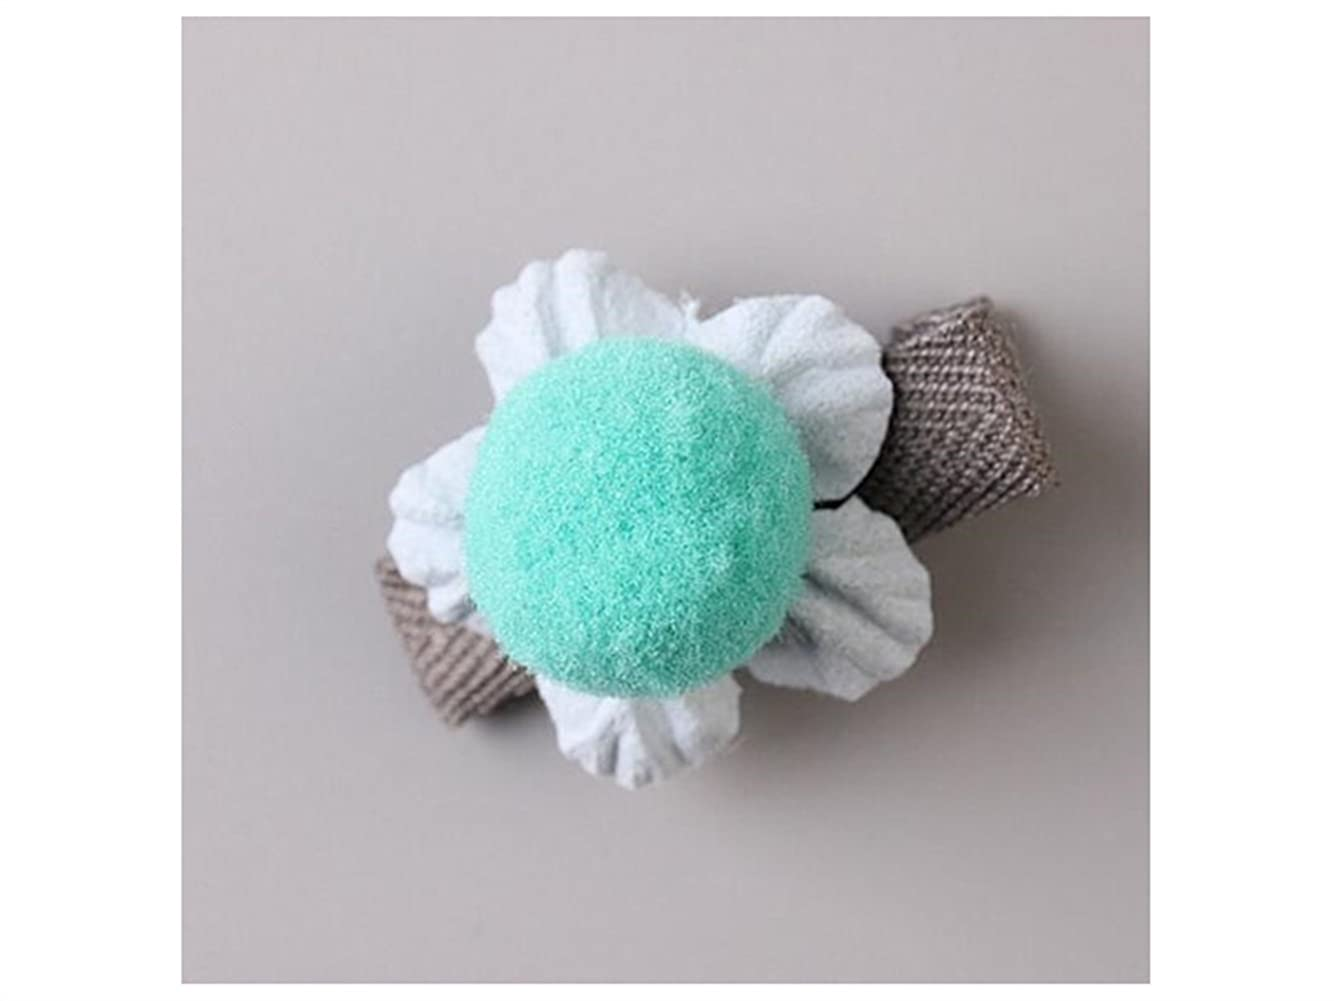 ペスト専門知識レパートリーOsize 美しいスタイル 小さな花のヘアクリップ子供のかわいいサイドクリップヘアピンフラワーヘッドドレス(ブルー)